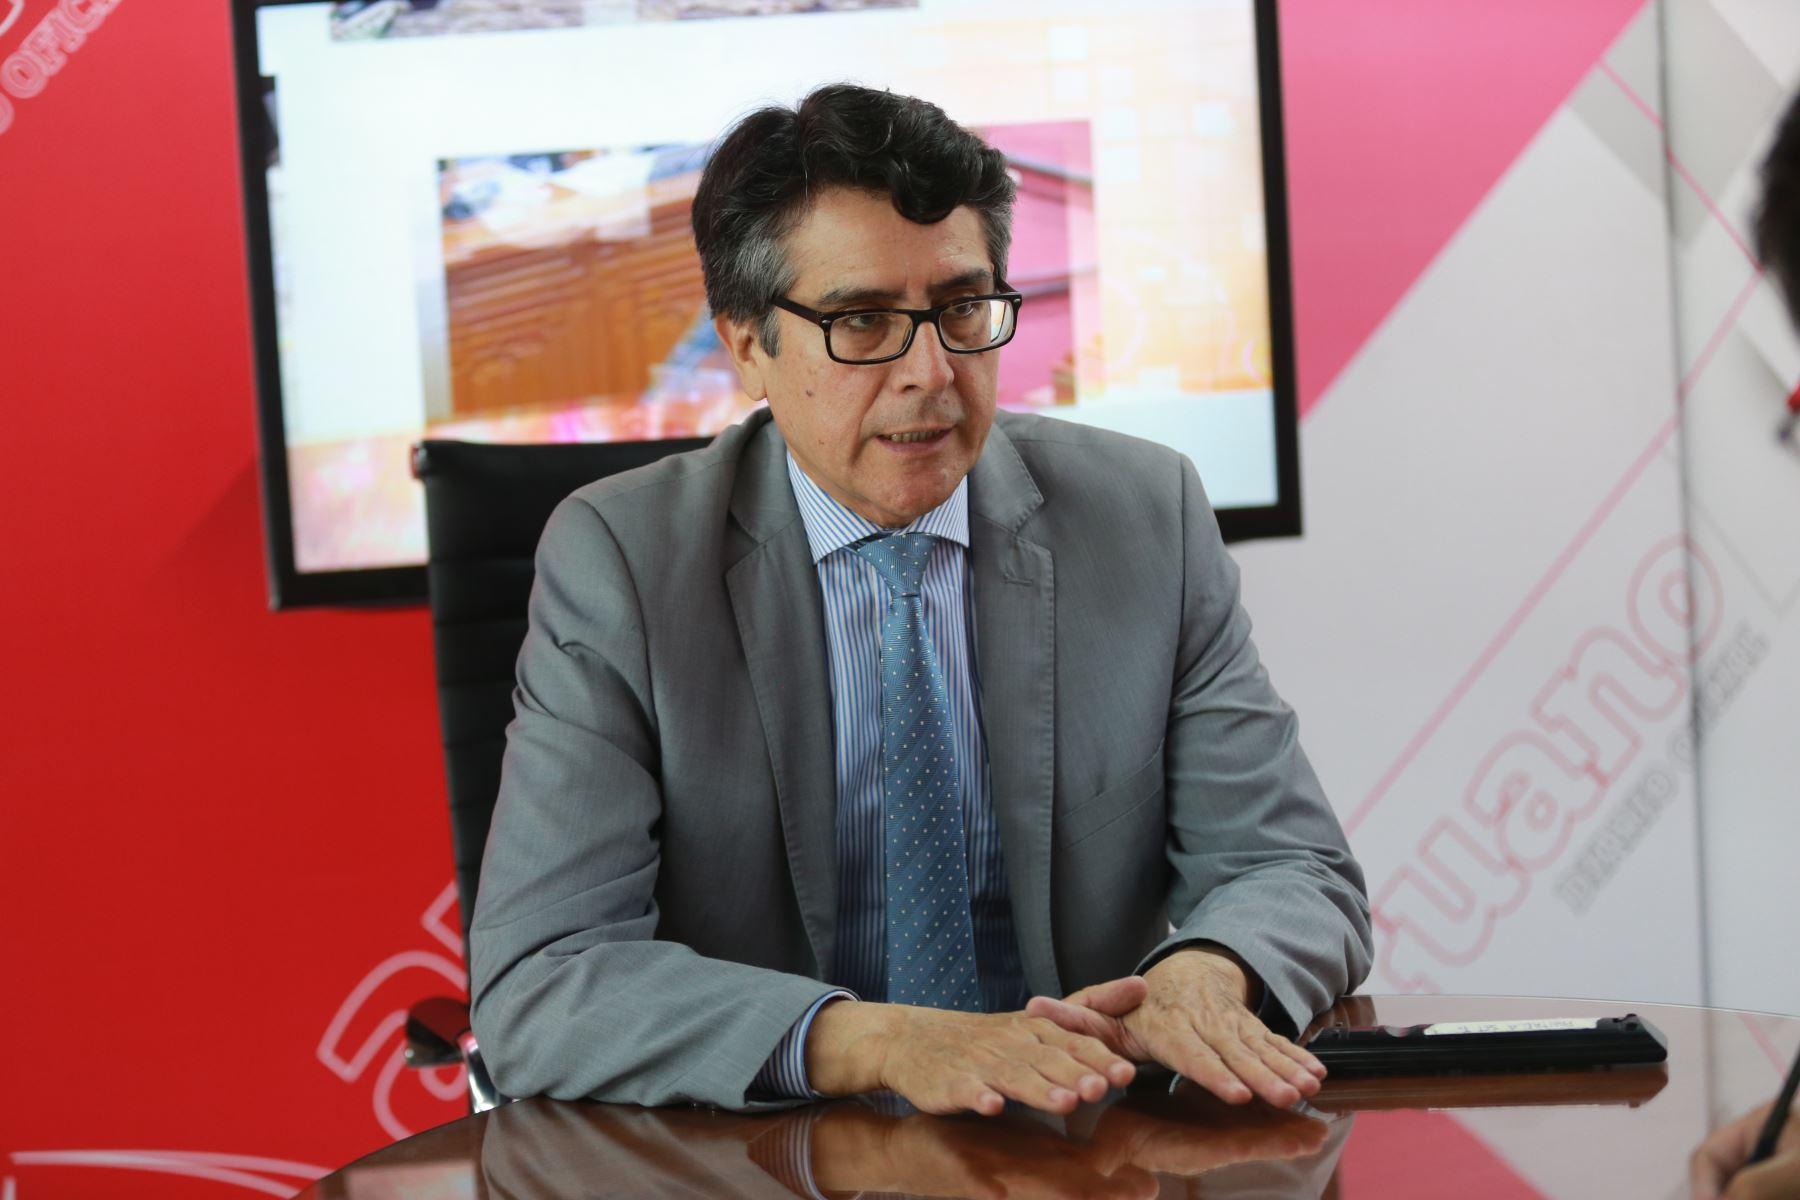 Rolando Luque, adjunto para la Prevención de Conflictos Sociales y la Gobernabilidad de la Defensoría del Pueblo. ANDINA/Jhony Laurente